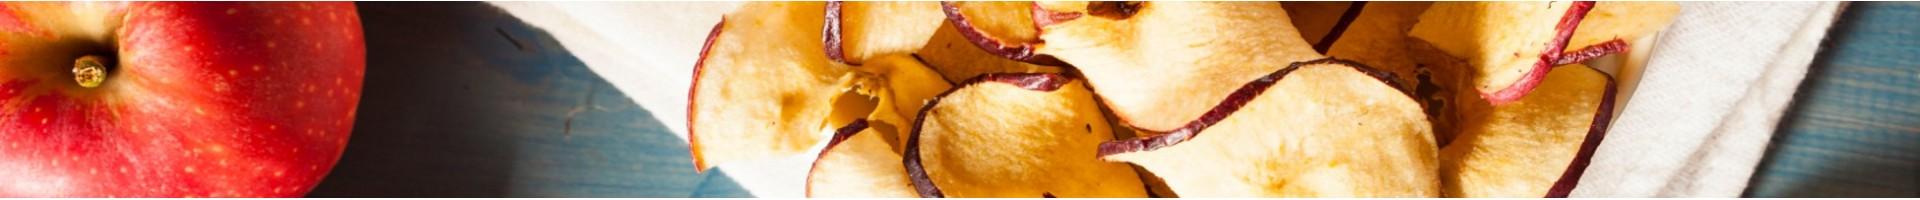 Fruta Deshidratada: Bayas de Goji, Coco Rallado | La Finestra